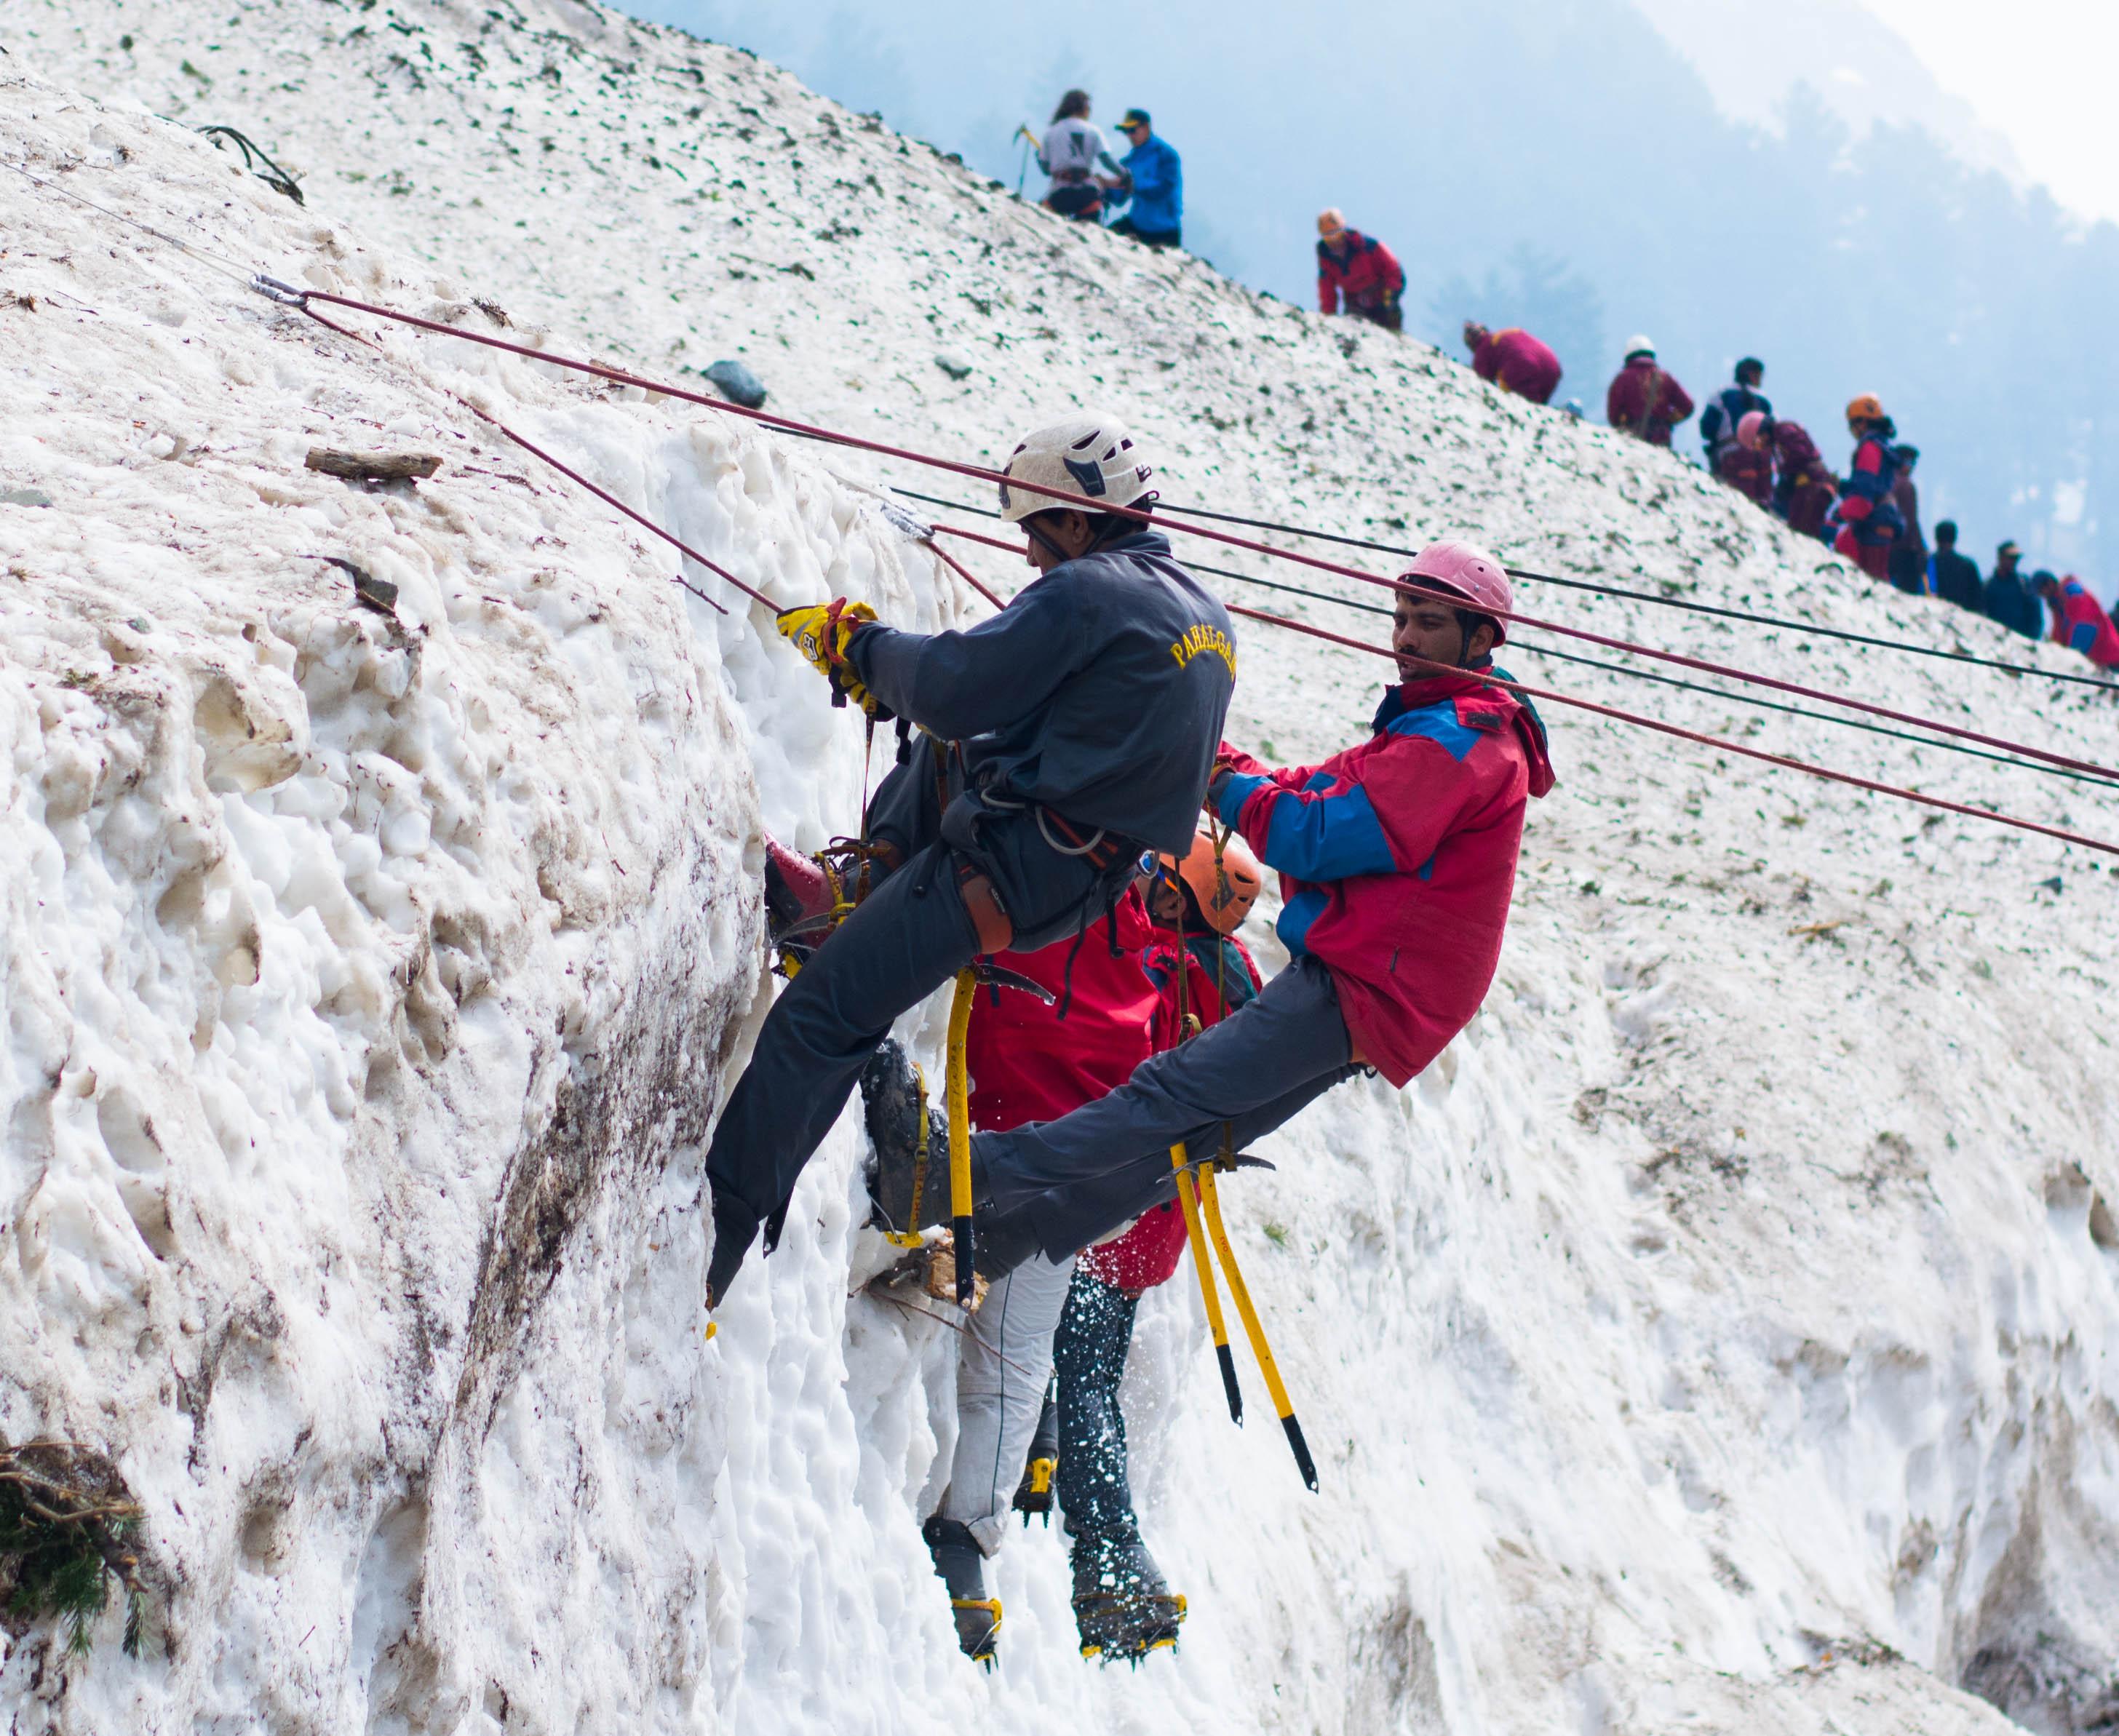 BMC - ICE climbing